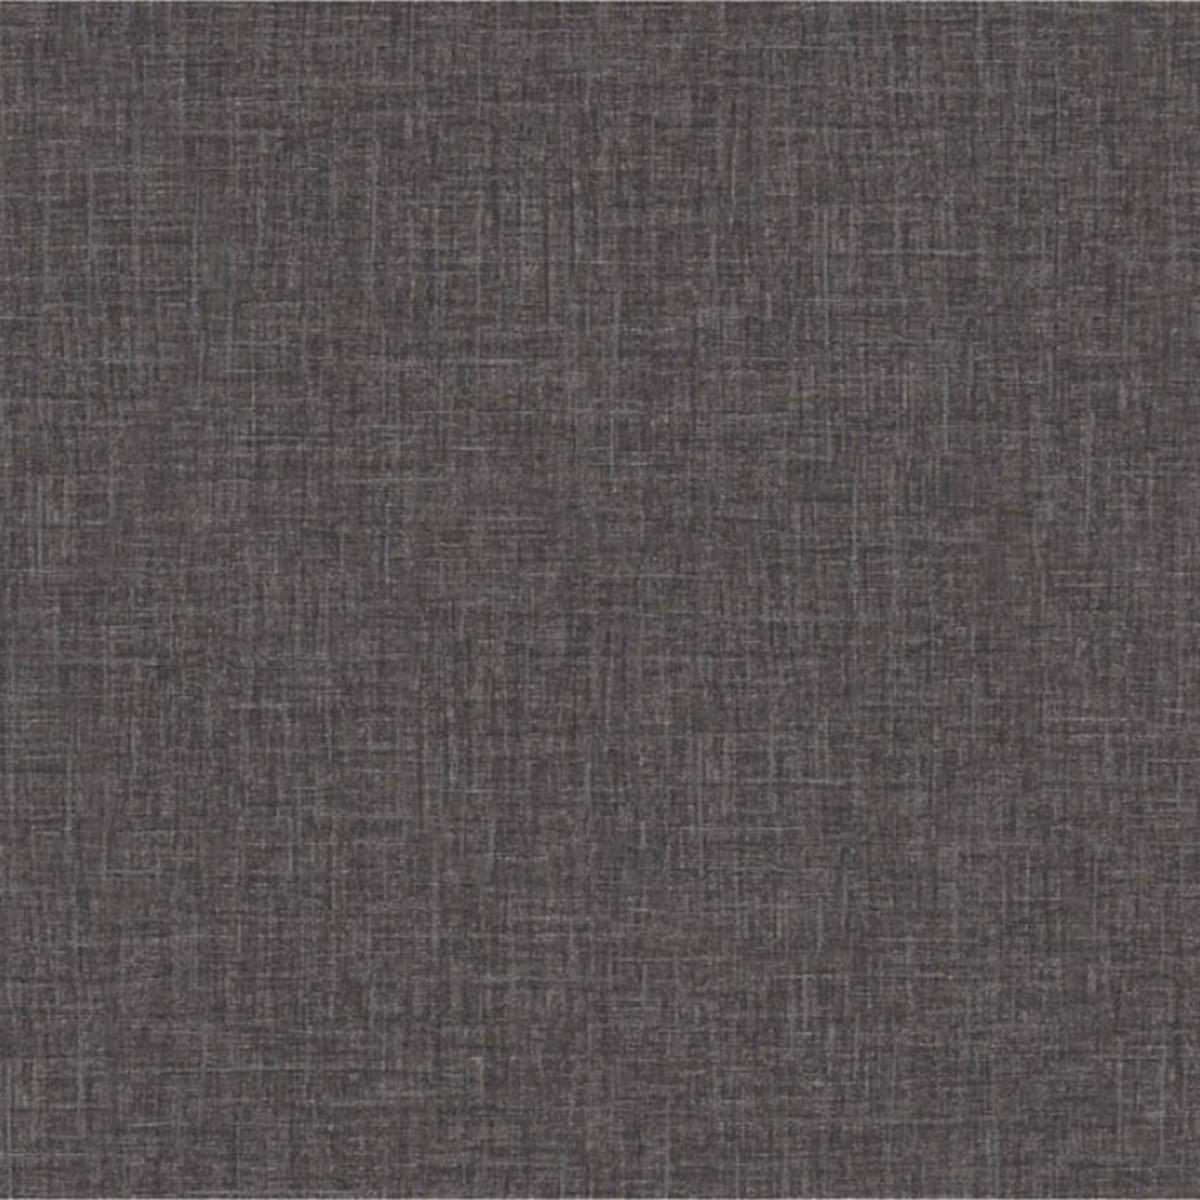 Обои флизелиновые A.S. Creation Versace II серые 0.70 м 96233-6